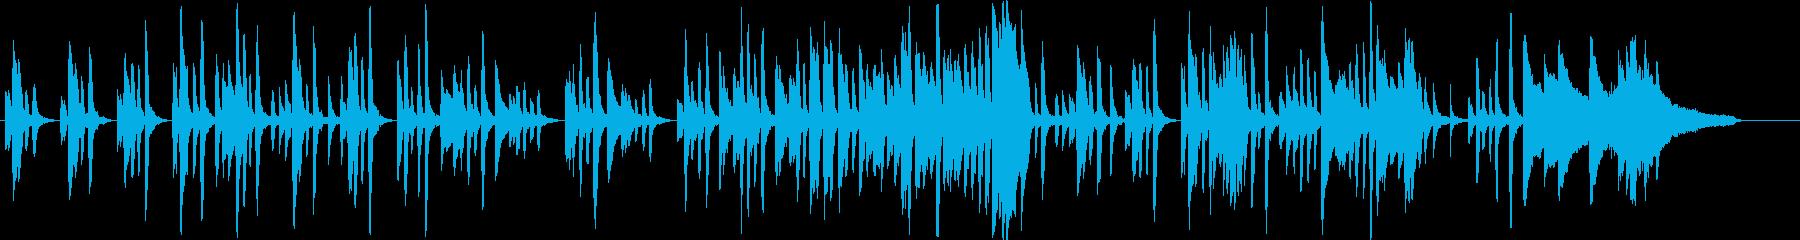 どうぶつの森・あつ森風かわいいピアノソロの再生済みの波形